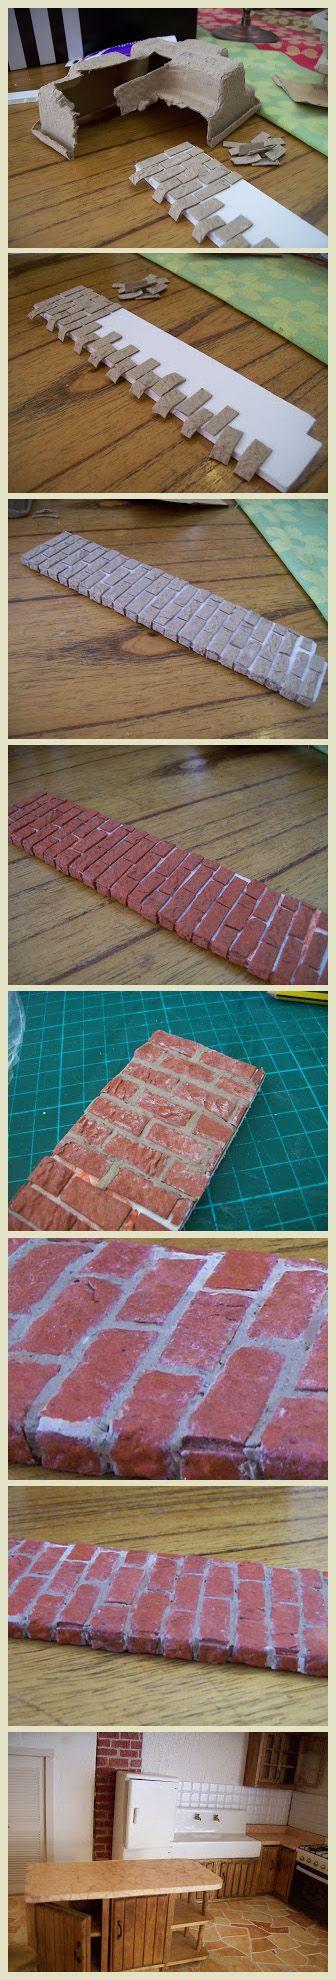 Техника изготовления кирпичной кладки из бумажной коробки